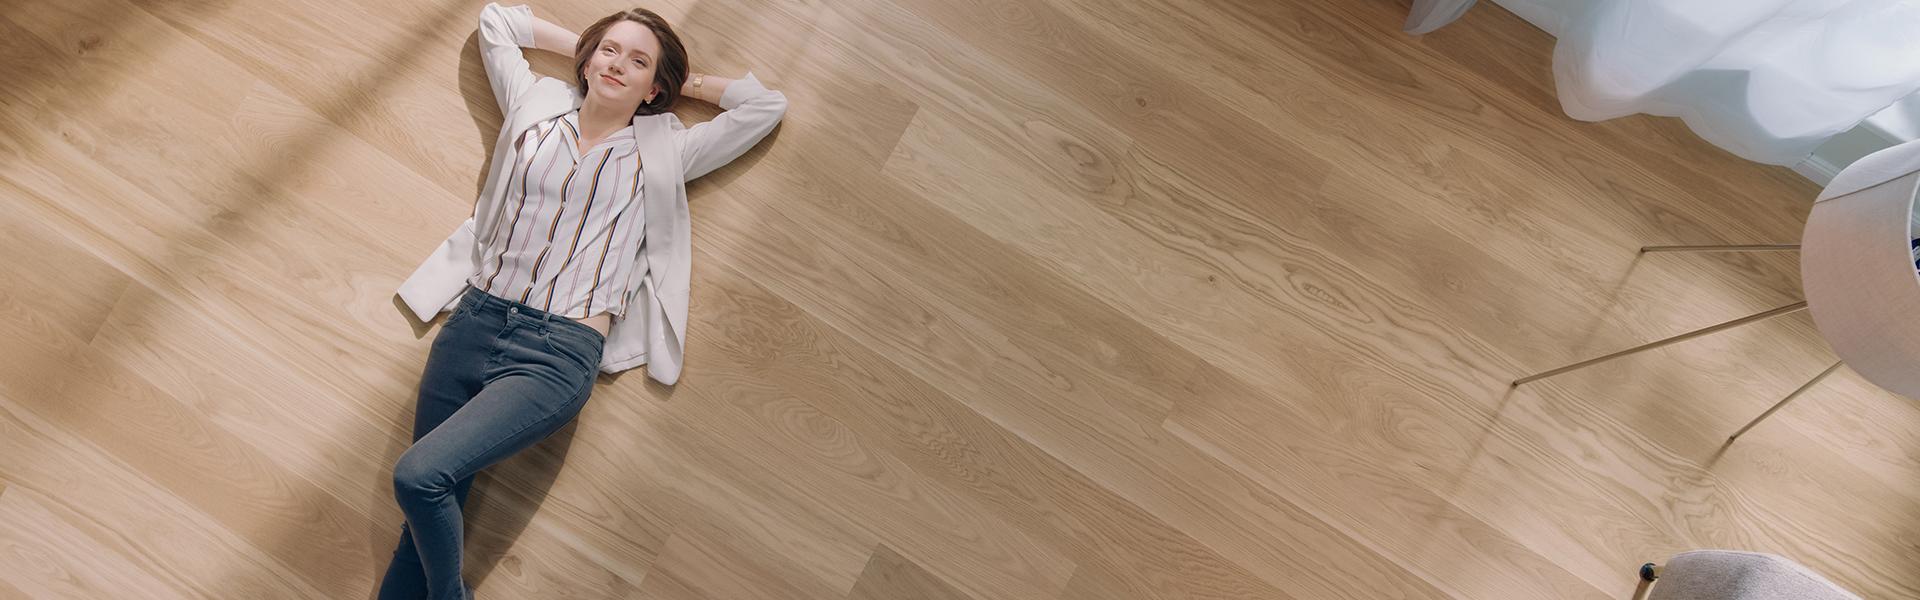 pavimenti-gres-porcellanato-roma.jpg